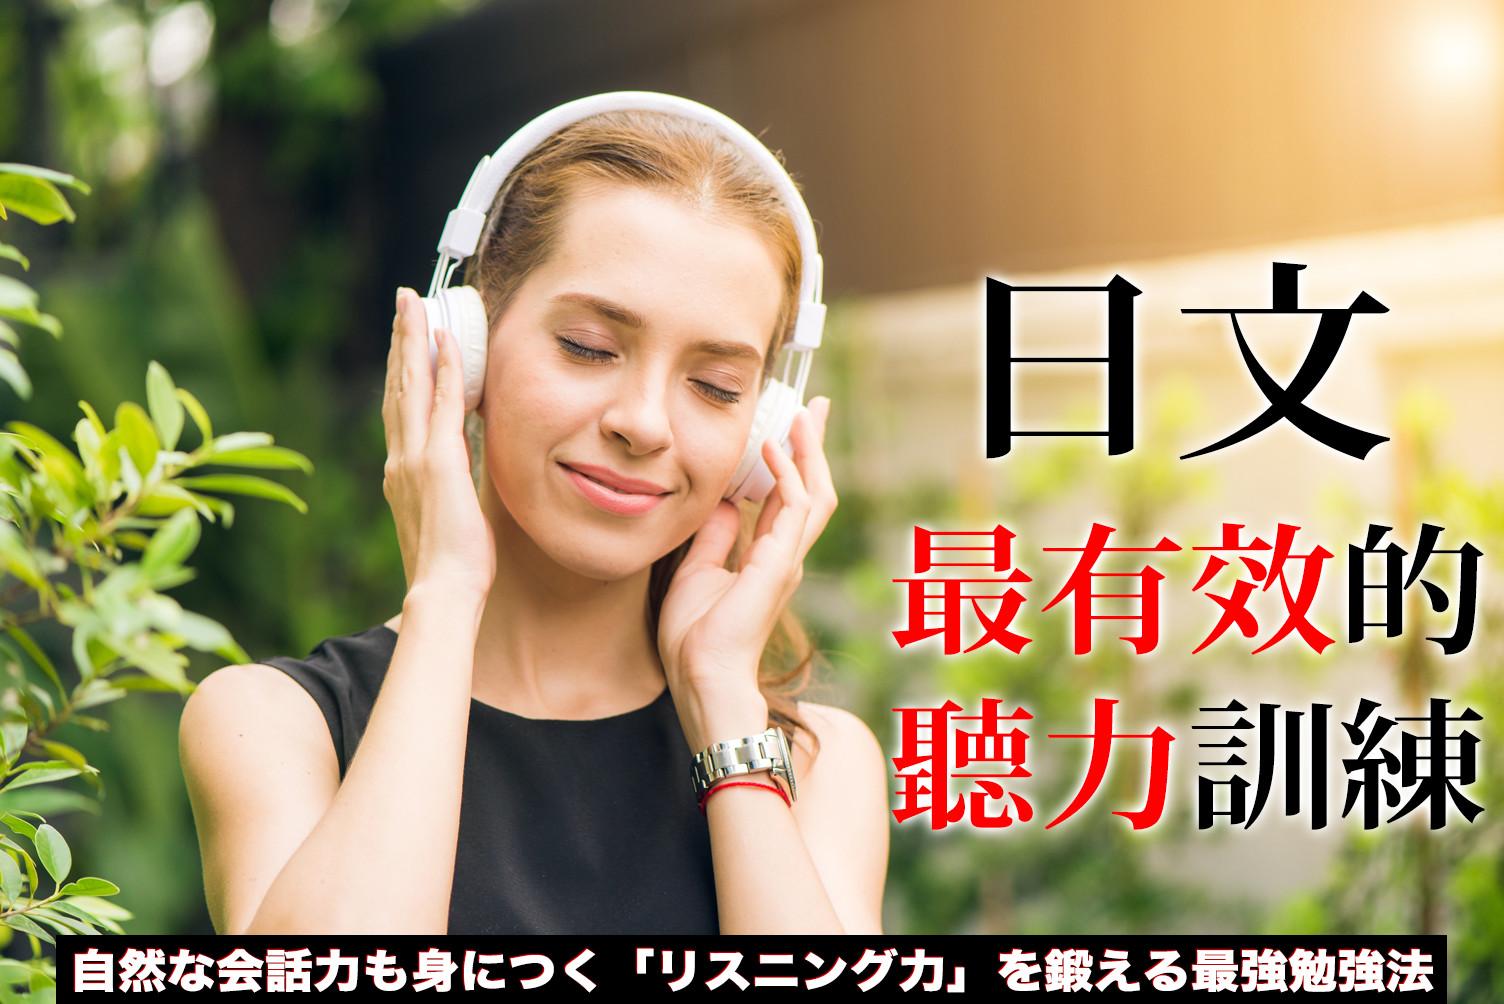 學習最有效的「聽力訓練」,讓你講出一口自然的日文/自然な会話力身につく「リスニング力」を鍛える最強勉強法